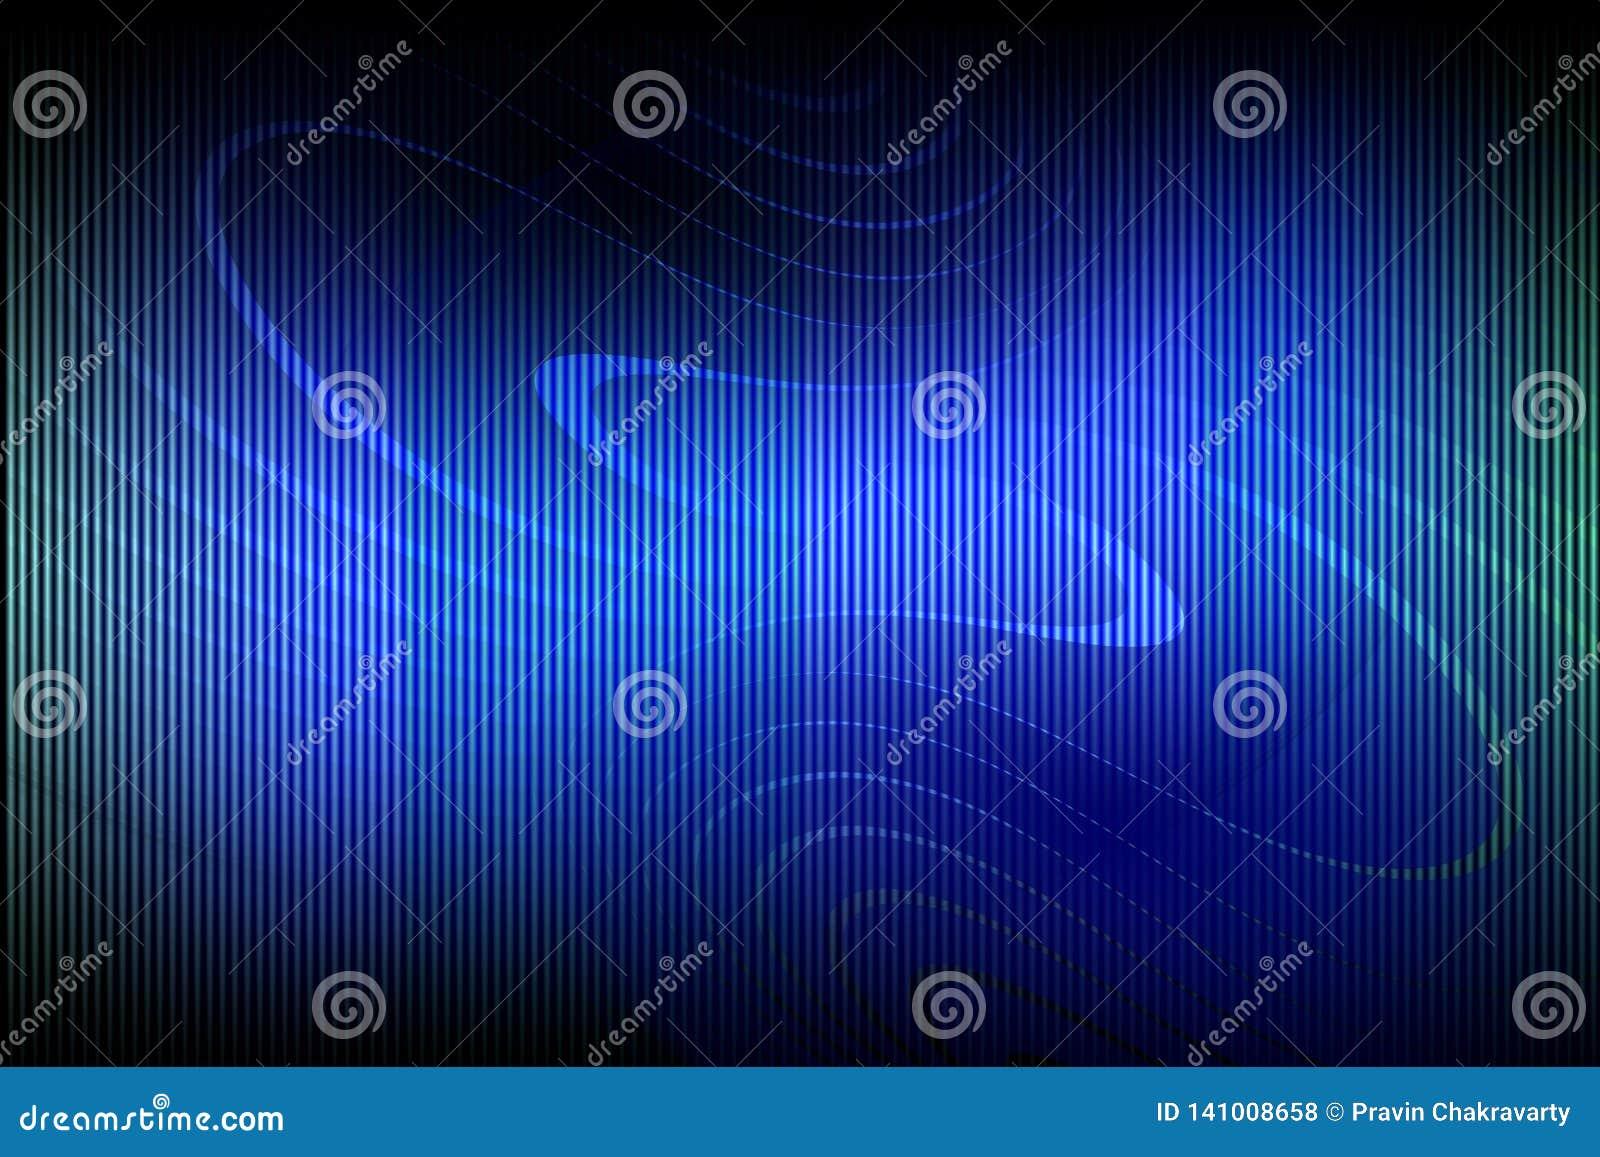 Abstract vector blauw in de schaduw gesteld golvend behang als achtergrond levendige kleuren vectorillustratie